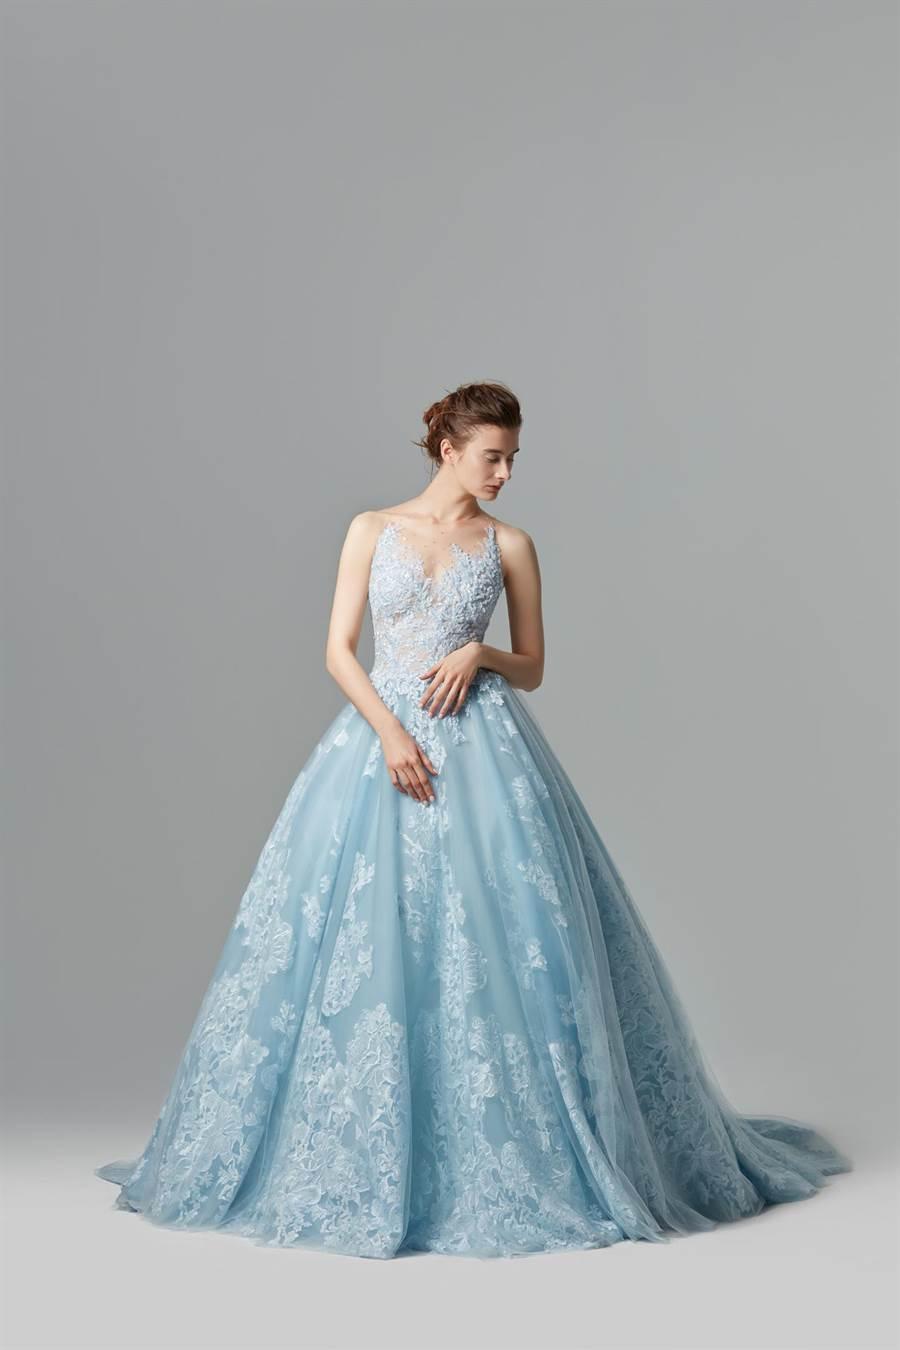 林莉婚紗登上英國White Gallery婚紗展,展現台灣設計軟實力。( LINLI BOUTIQUE提供)